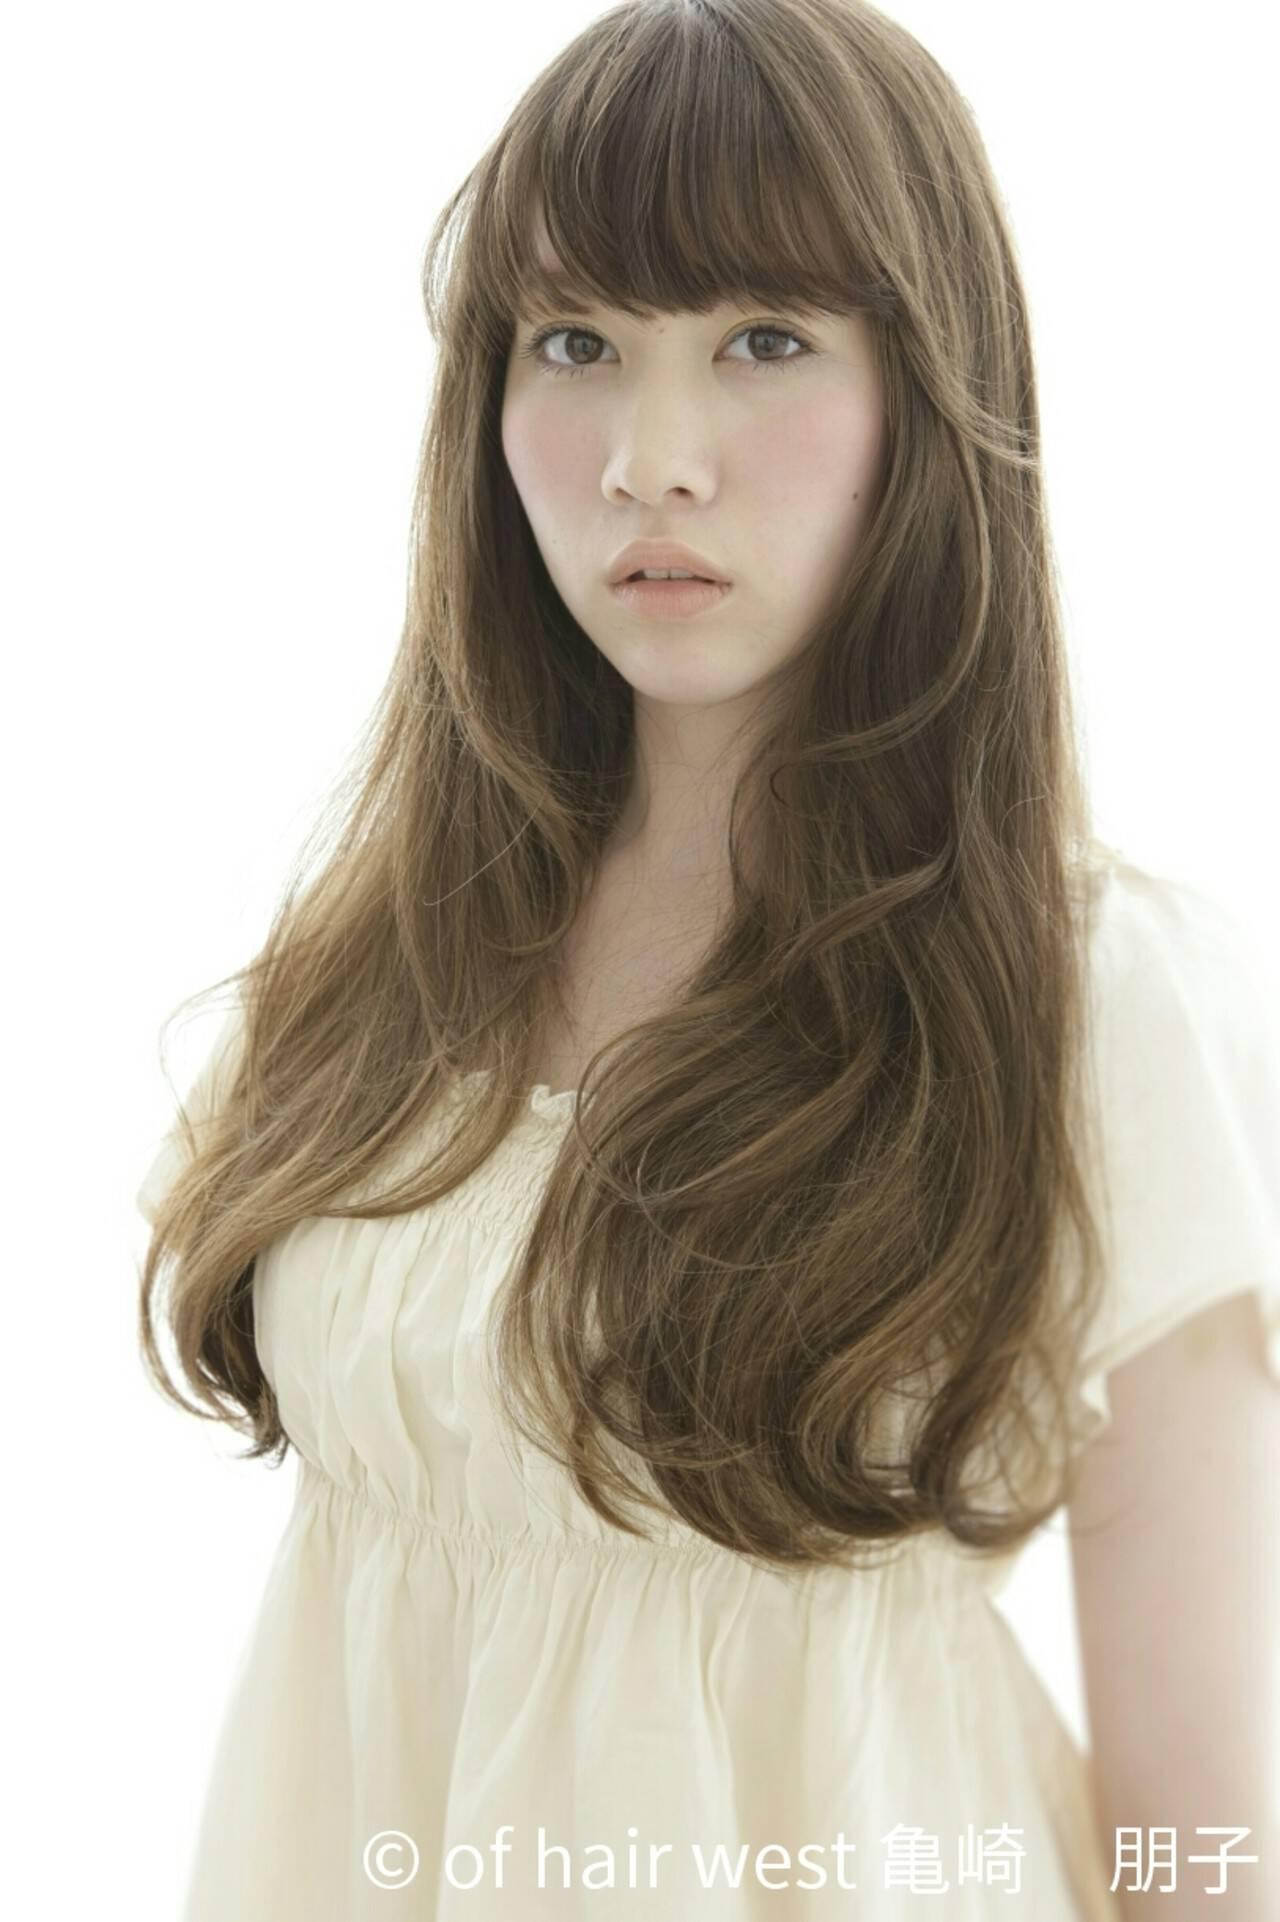 ナチュラル ウェーブ 艶髪 ゆるふわヘアスタイルや髪型の写真・画像